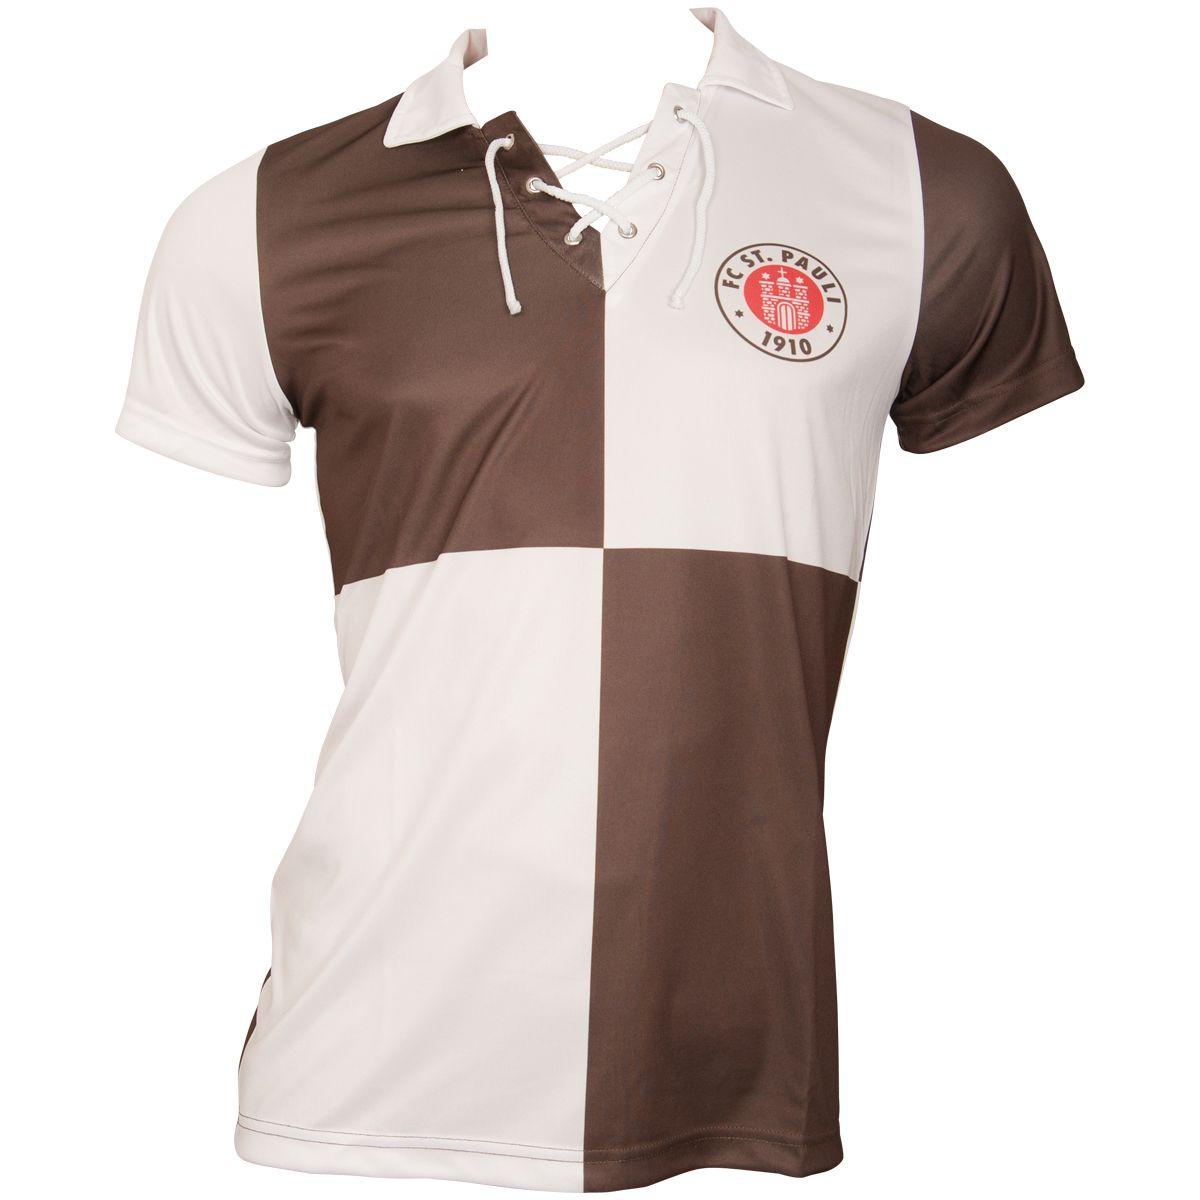 FC St. Pauli - Retrotrikot 1991-92 - braun-weiß